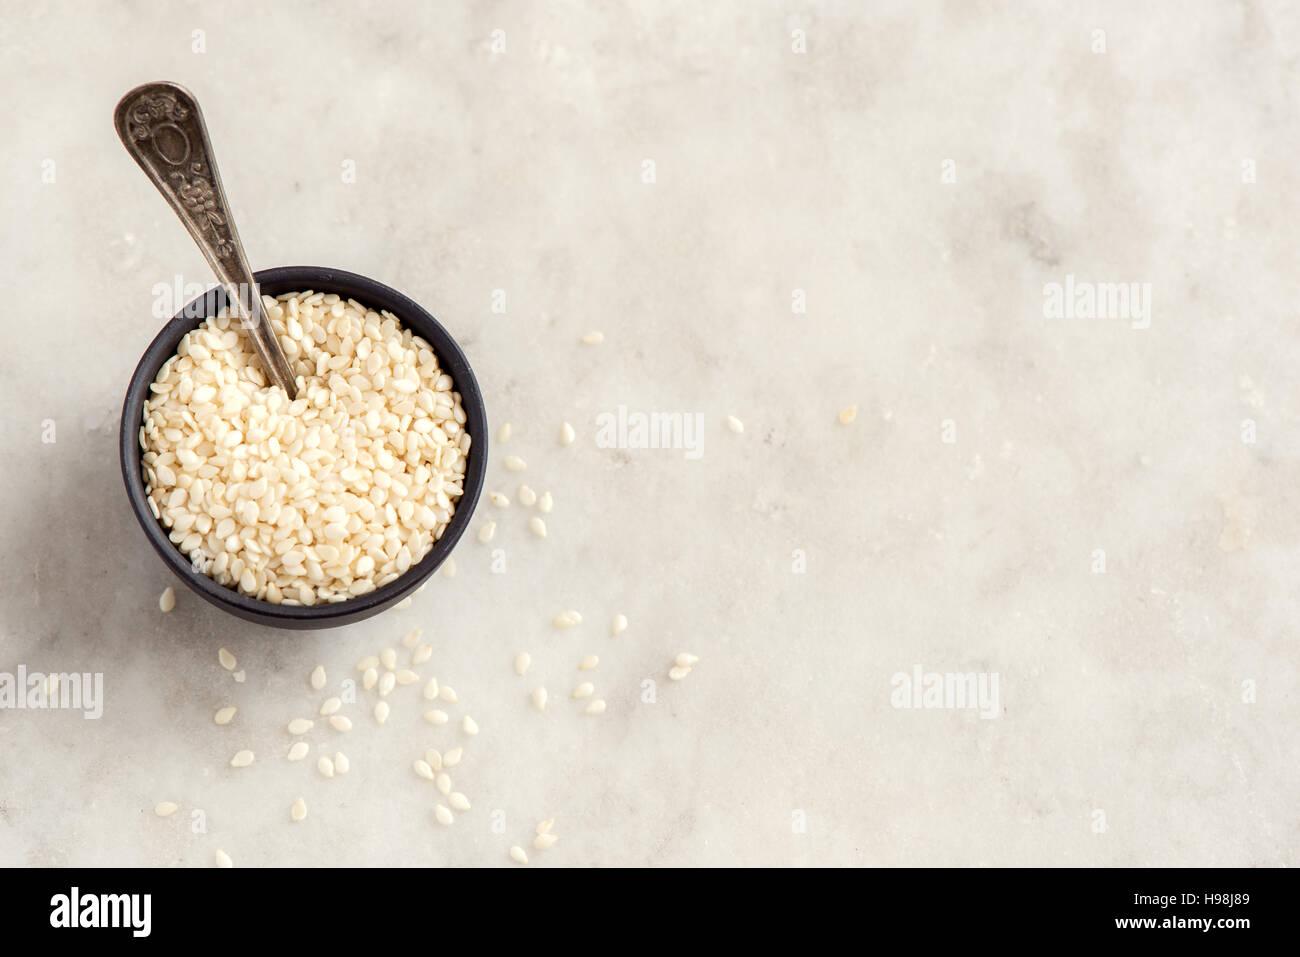 Las semillas de sésamo en un tazón de piedra blanca sobre fondo con copia espacio - ingrediente alimentario Imagen De Stock